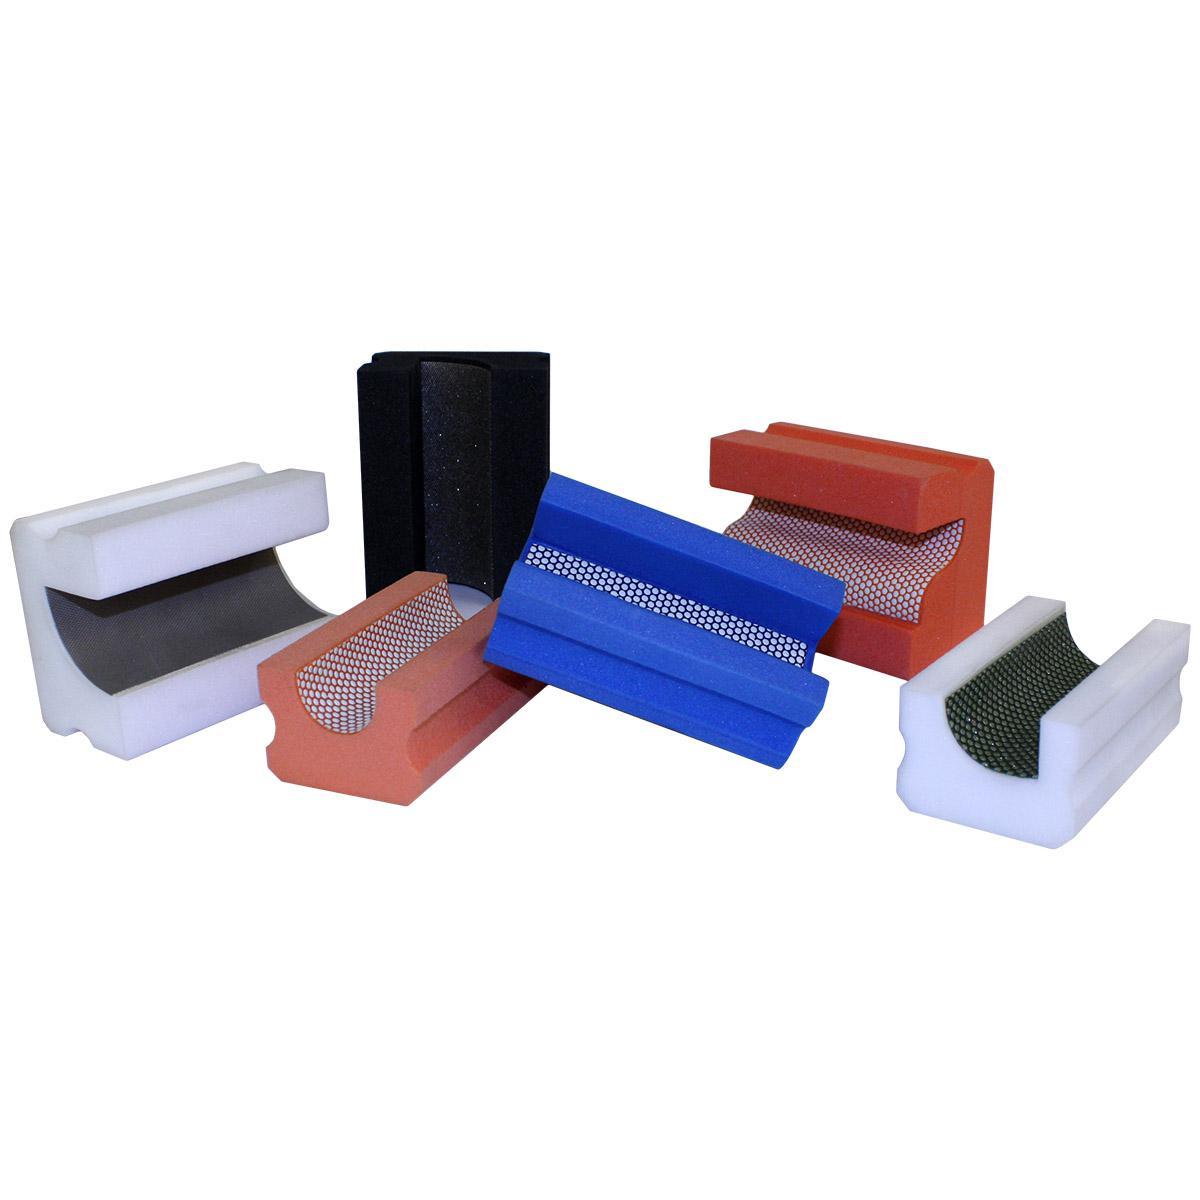 Затир ручной (профиль A) h-30 мм, зерно 1000 (синяя, полимер)